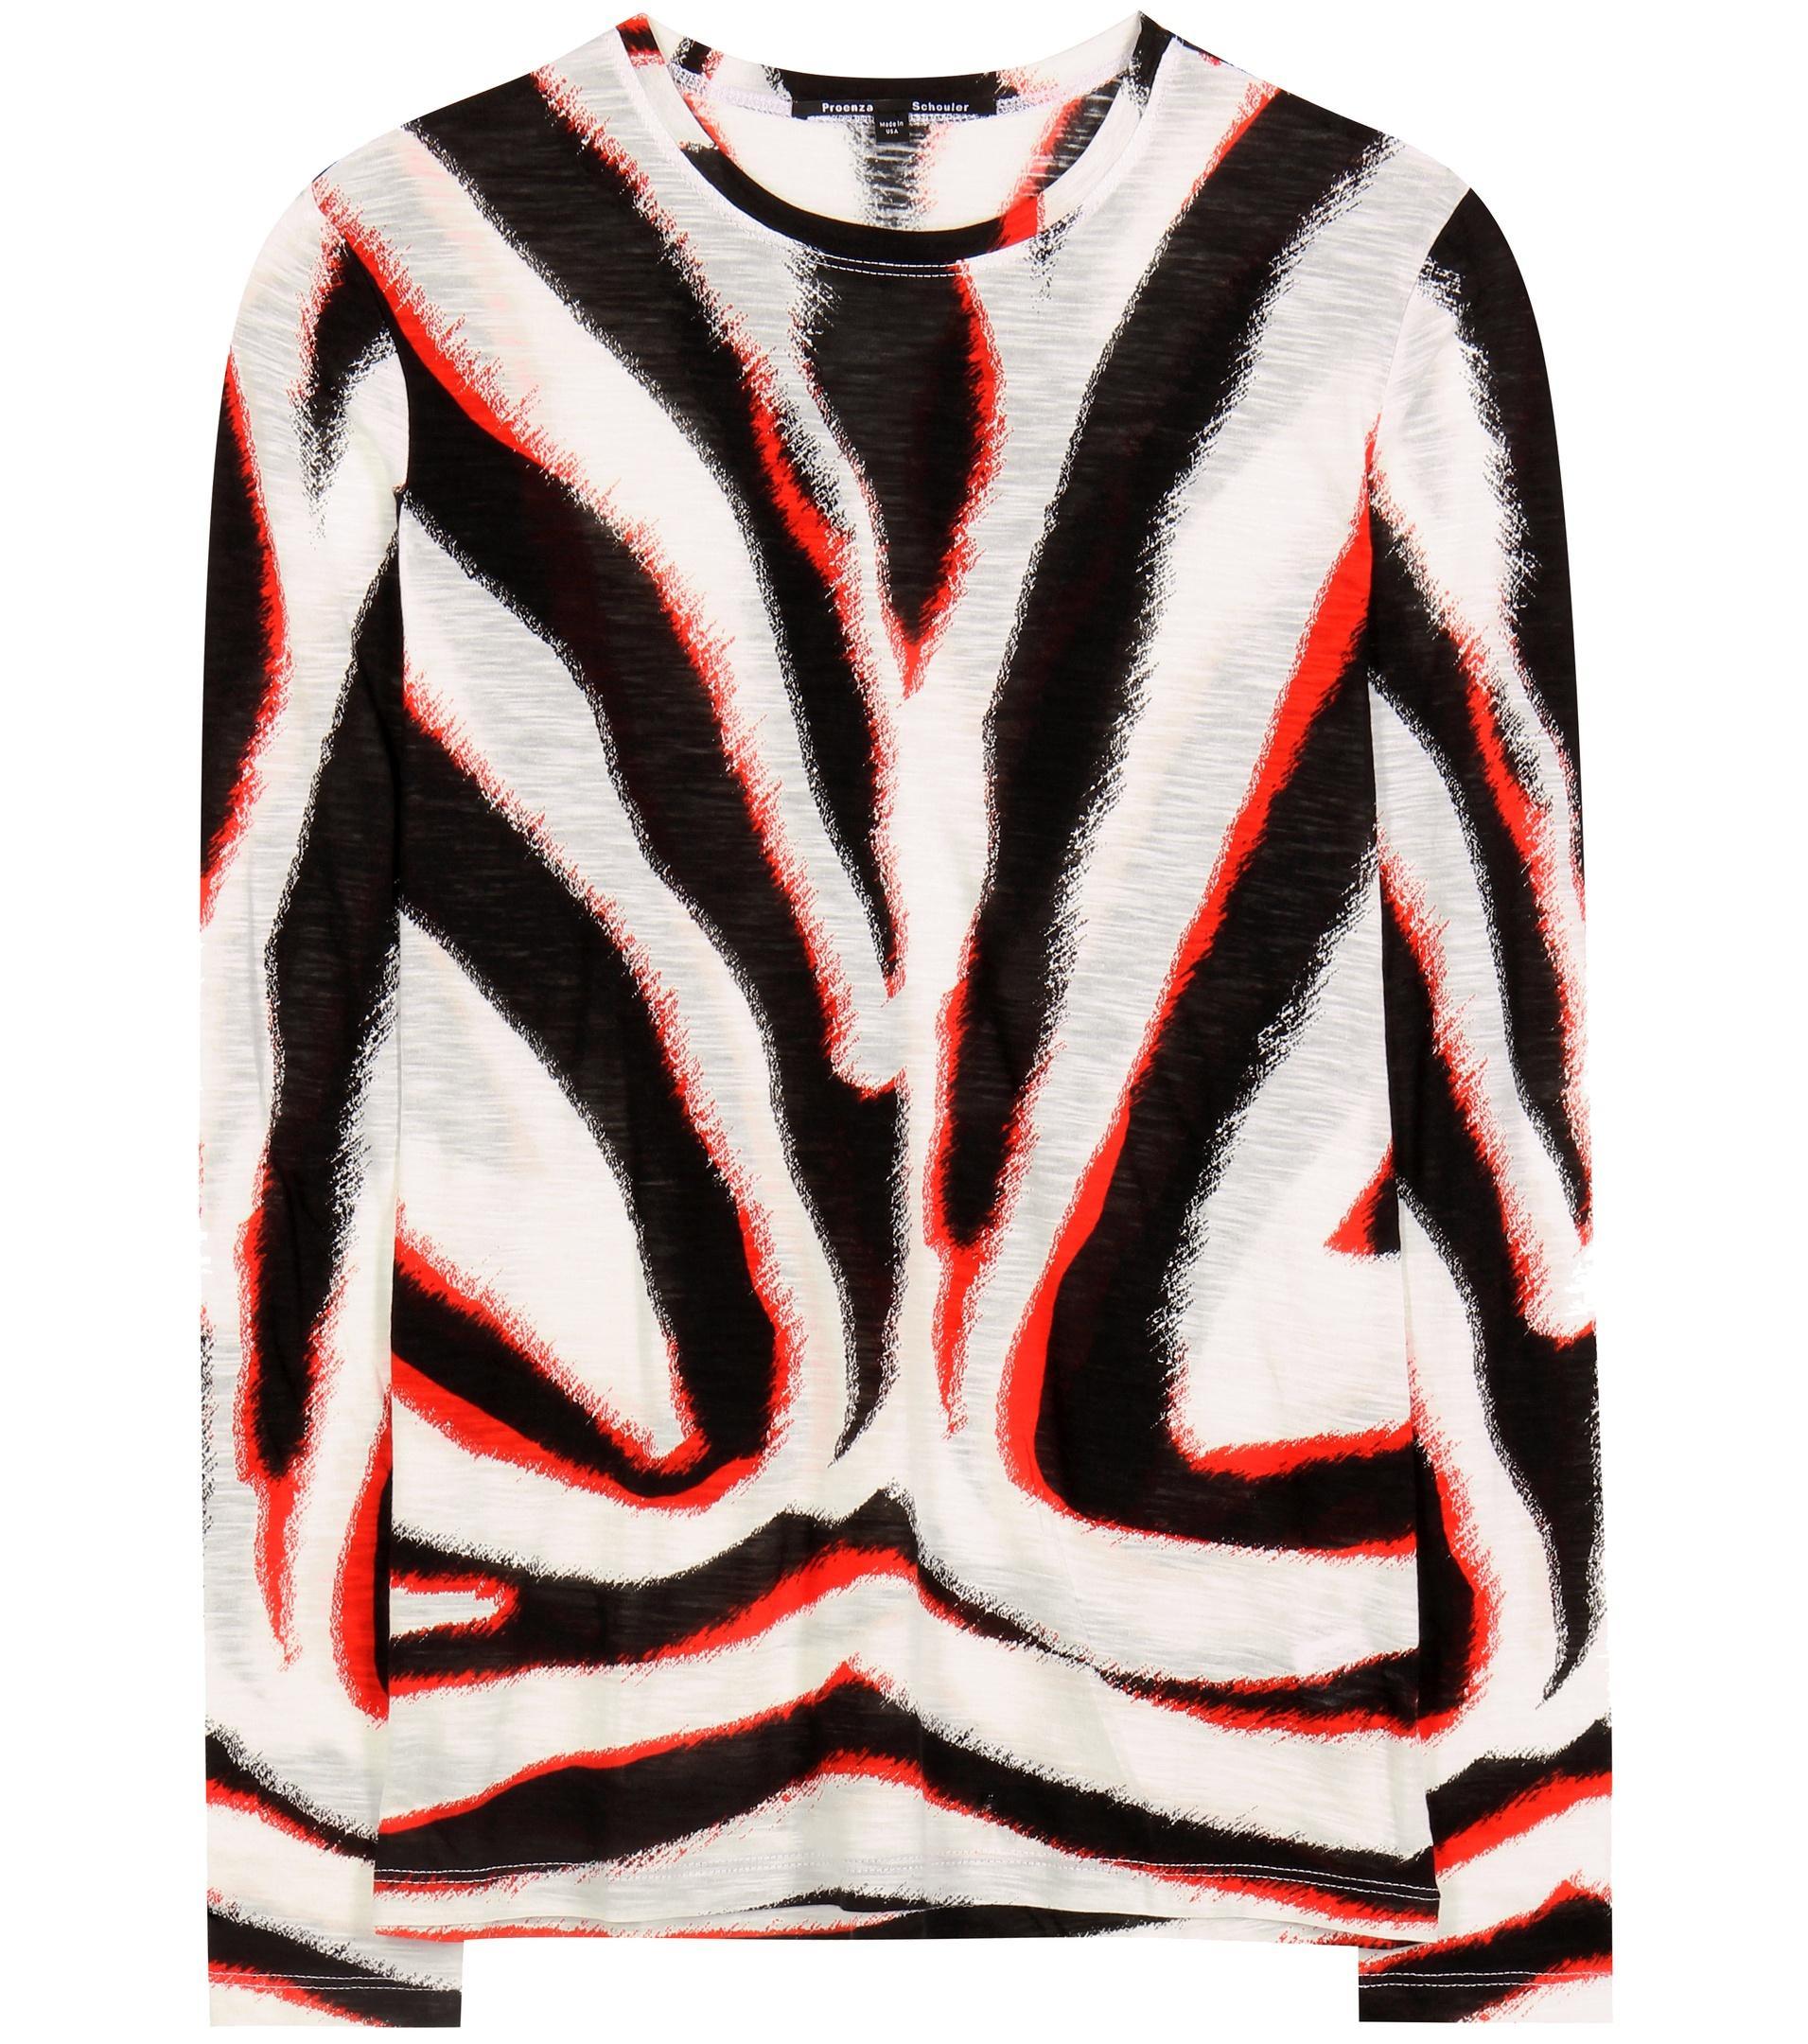 962151f6e0 Proenza Schouler Cotton Top in Red - Lyst